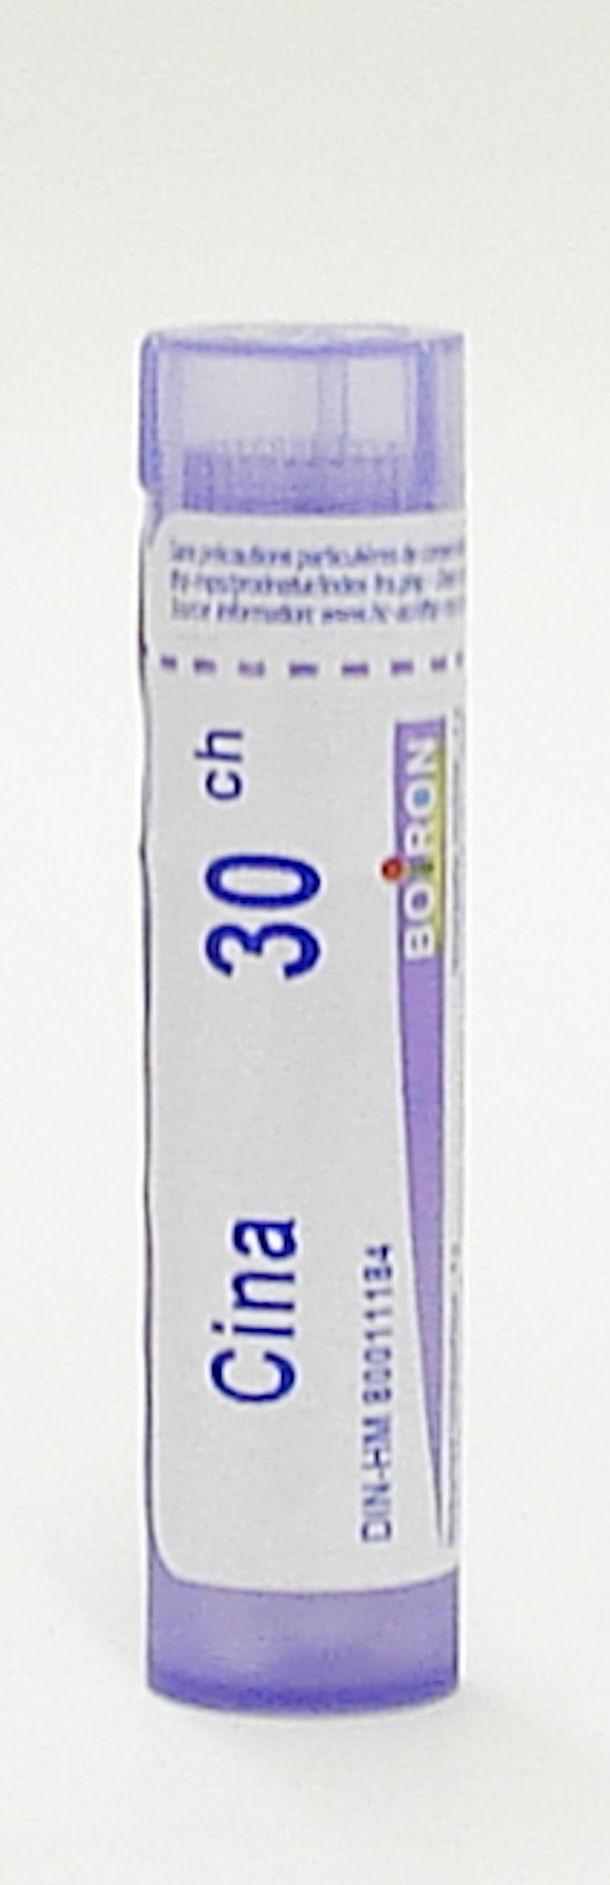 Cina 30ch sublingual pellets (Boiron)